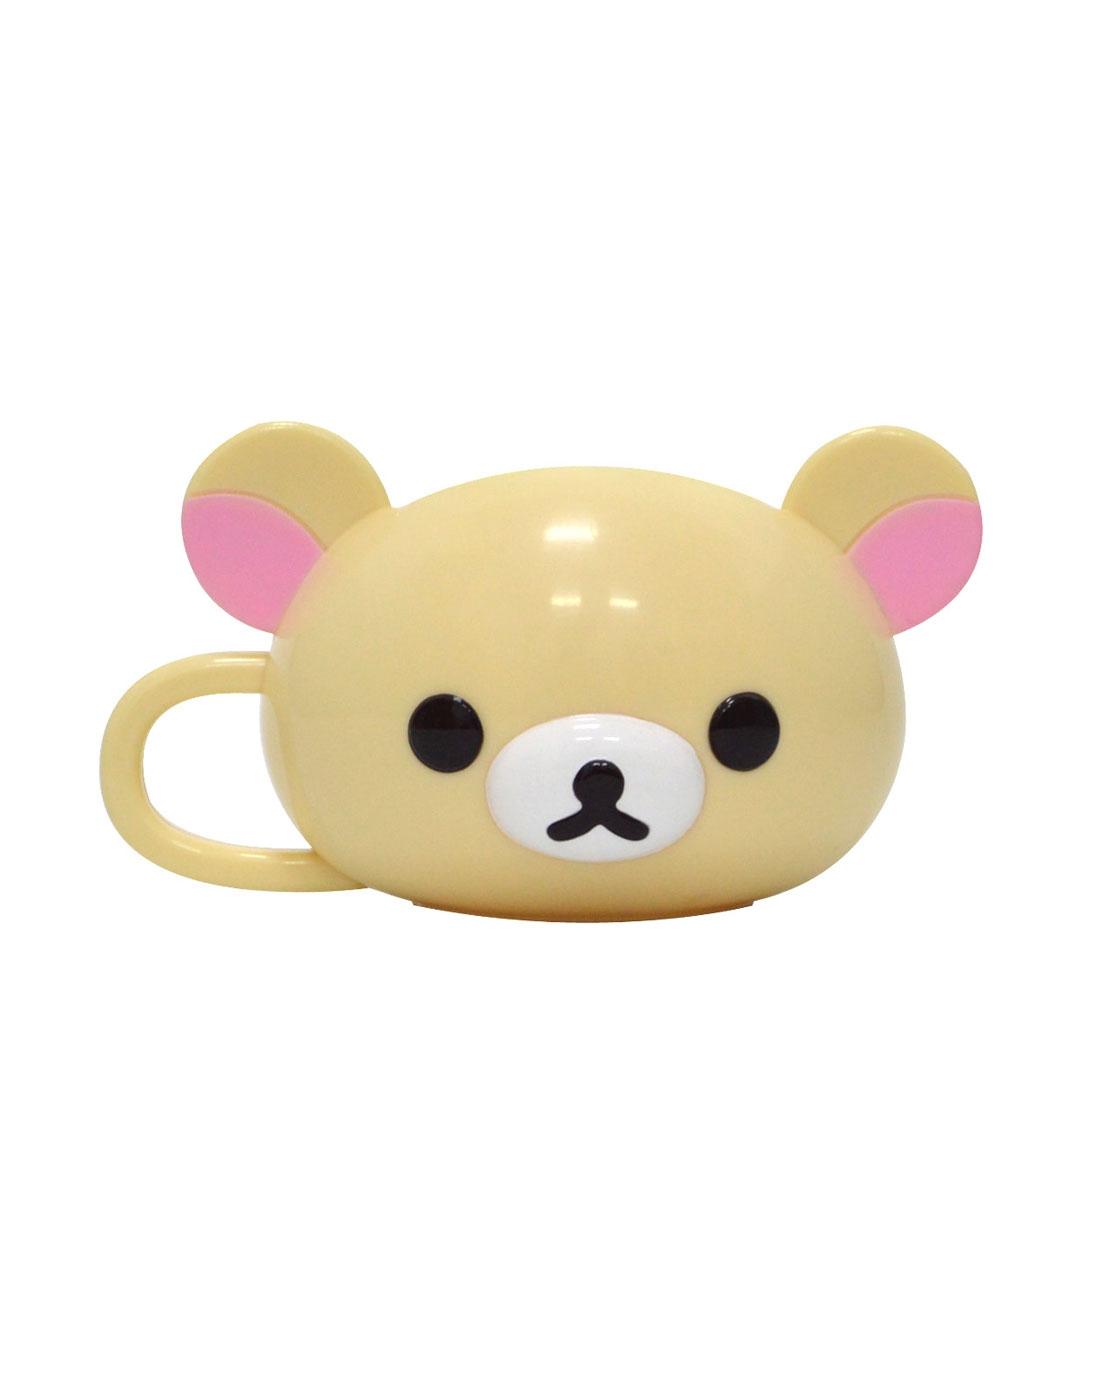 六一节文具礼盒&开心出游专场-轻松小熊 情侣水杯(米色)